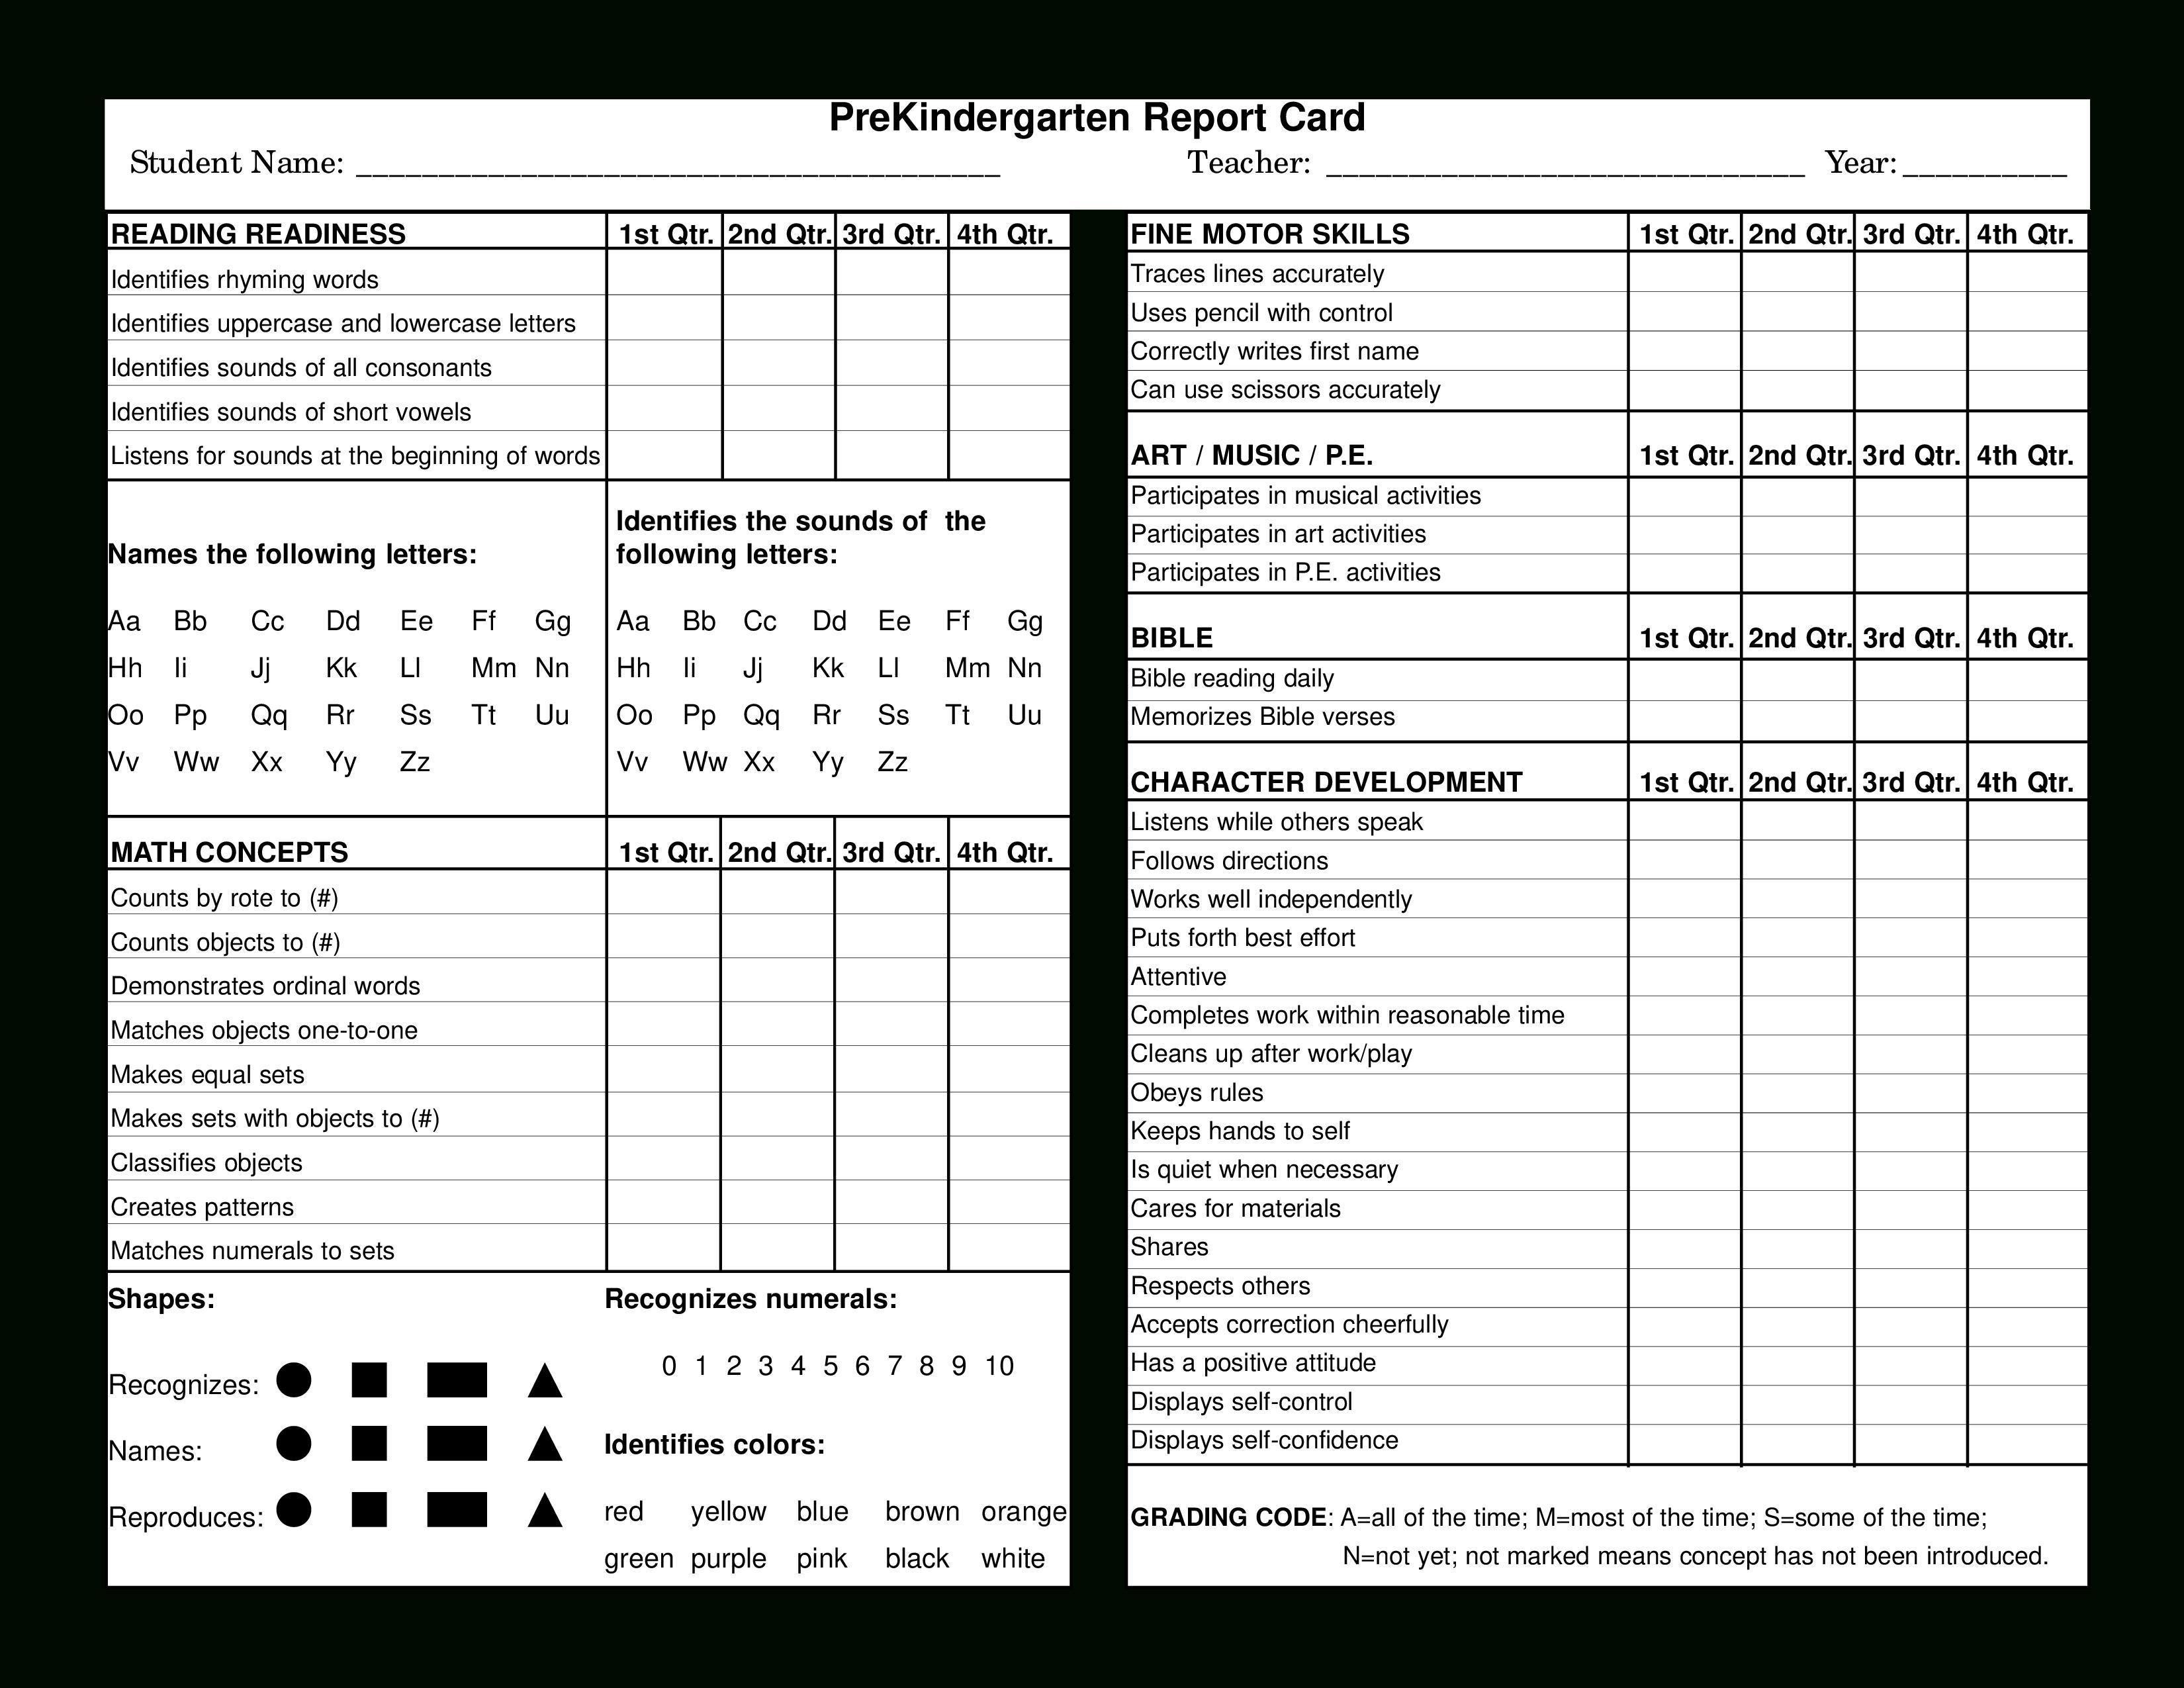 Preschool Report Card  Templates At Allbusinesstemplates Within Character Report Card Template